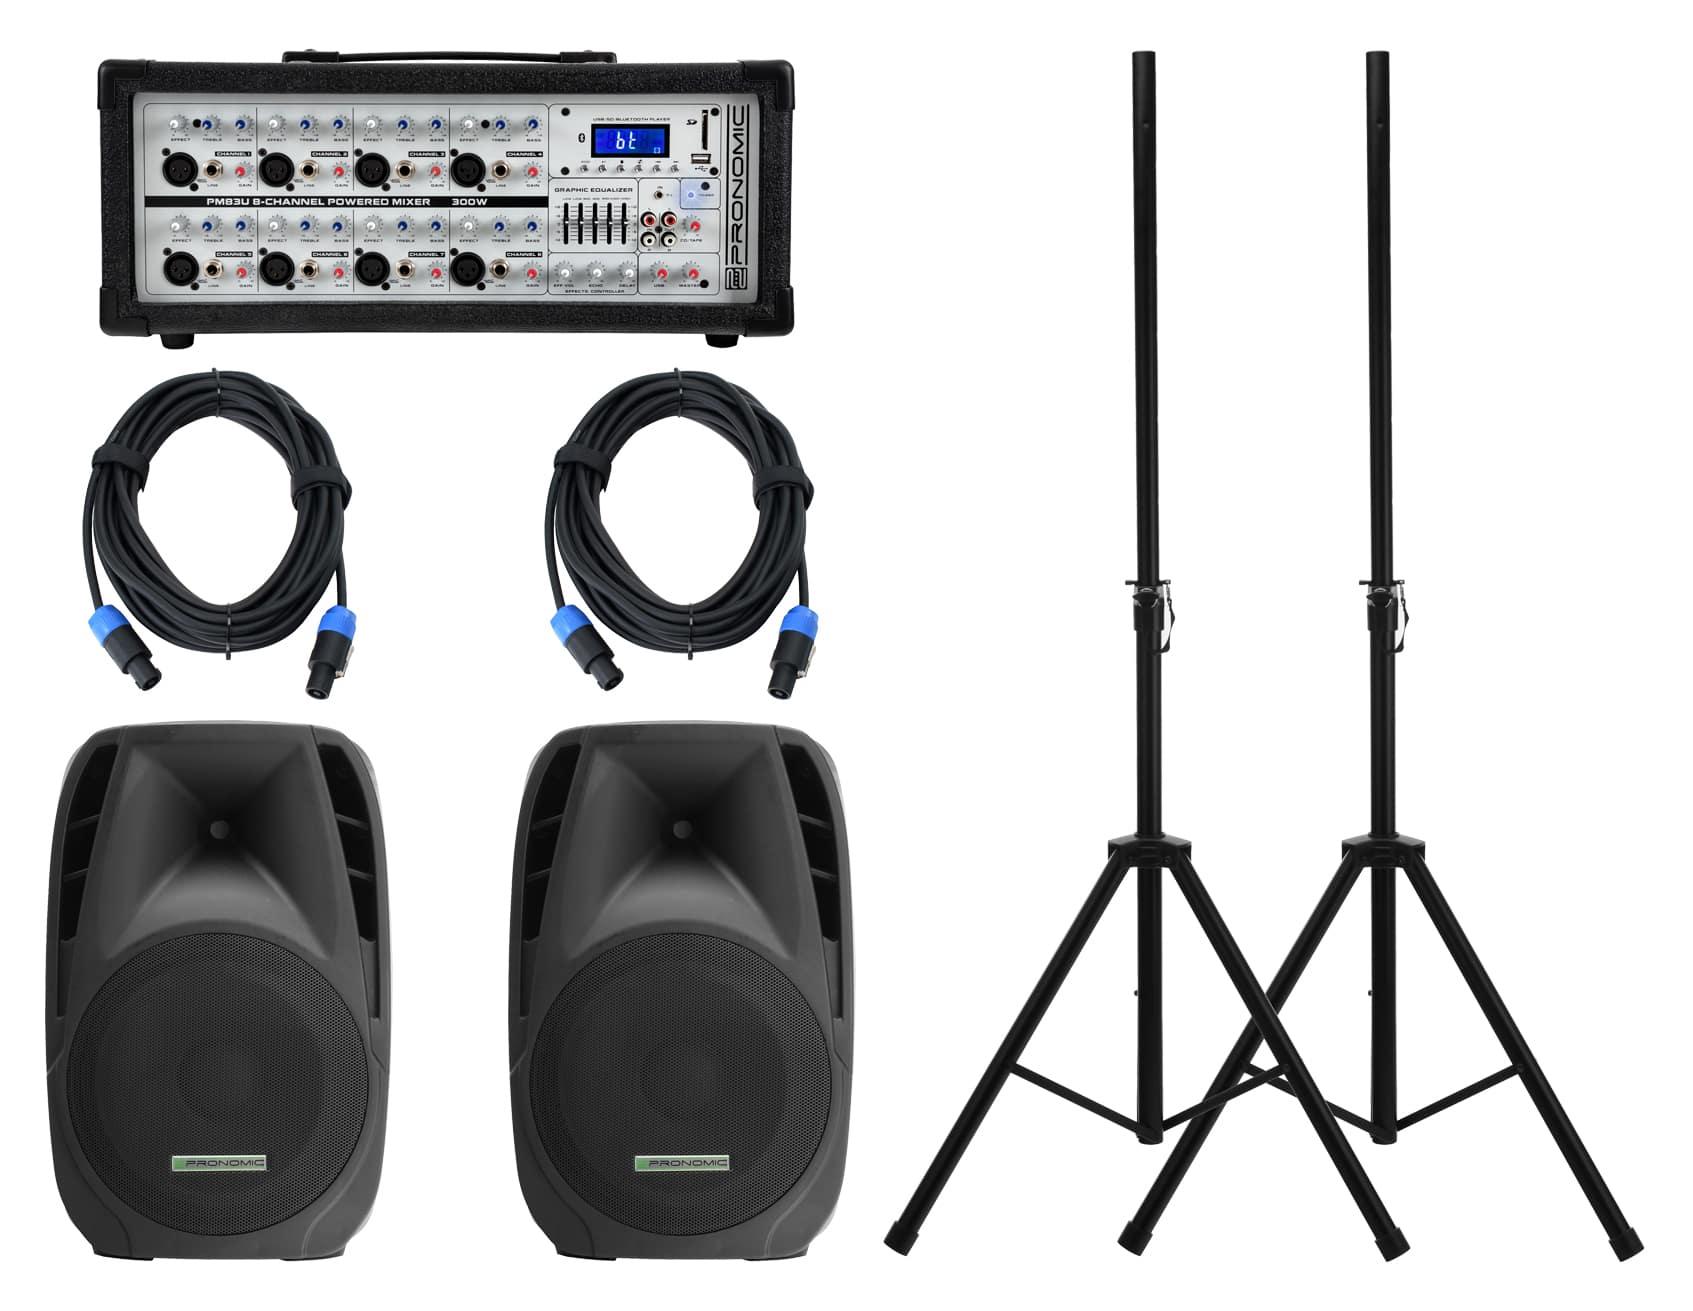 Boxenkomplettanlagen - Pronomic StagePower PM83 PH15 Mobil PA Set - Onlineshop Musikhaus Kirstein